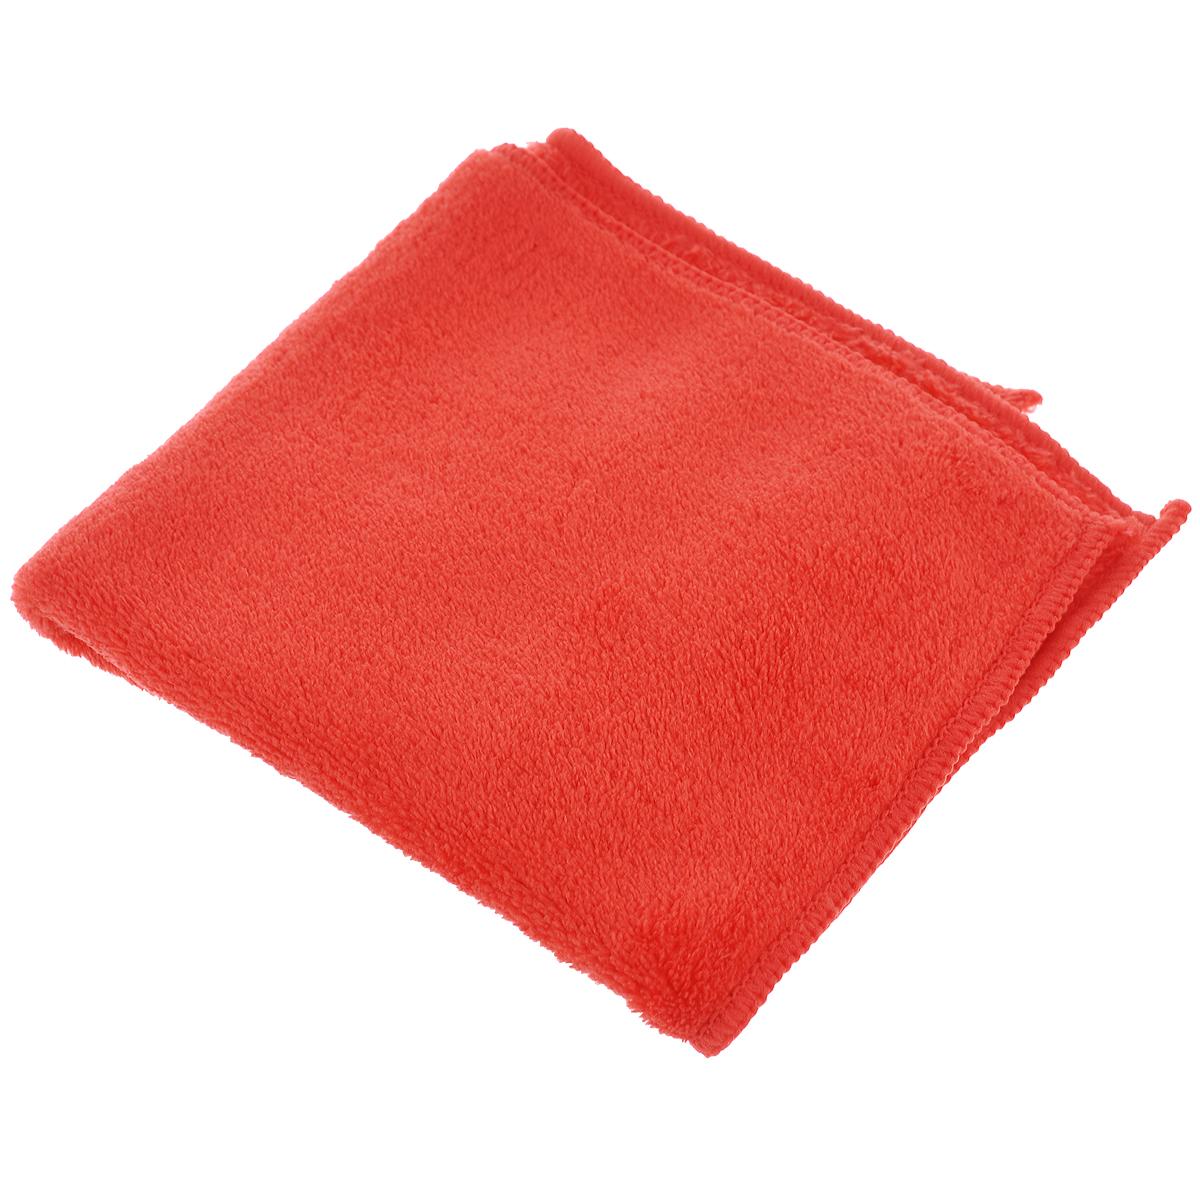 Салфетка для сухой уборки Celesta, из микрофибры, цвет: коралловый, 30 х 30 см4767_коралловыйСалфетка из микрофибры Celesta идеально подходит для сухой уборки, отлично очищает пыль на полированных поверхностях. После обработки салфеткой поверхность становится антистатической и пыль в дальнейшем на нее осаждается меньше. Состав: полиэстер 100%.Размер салфетки: 30 см х 30 см.